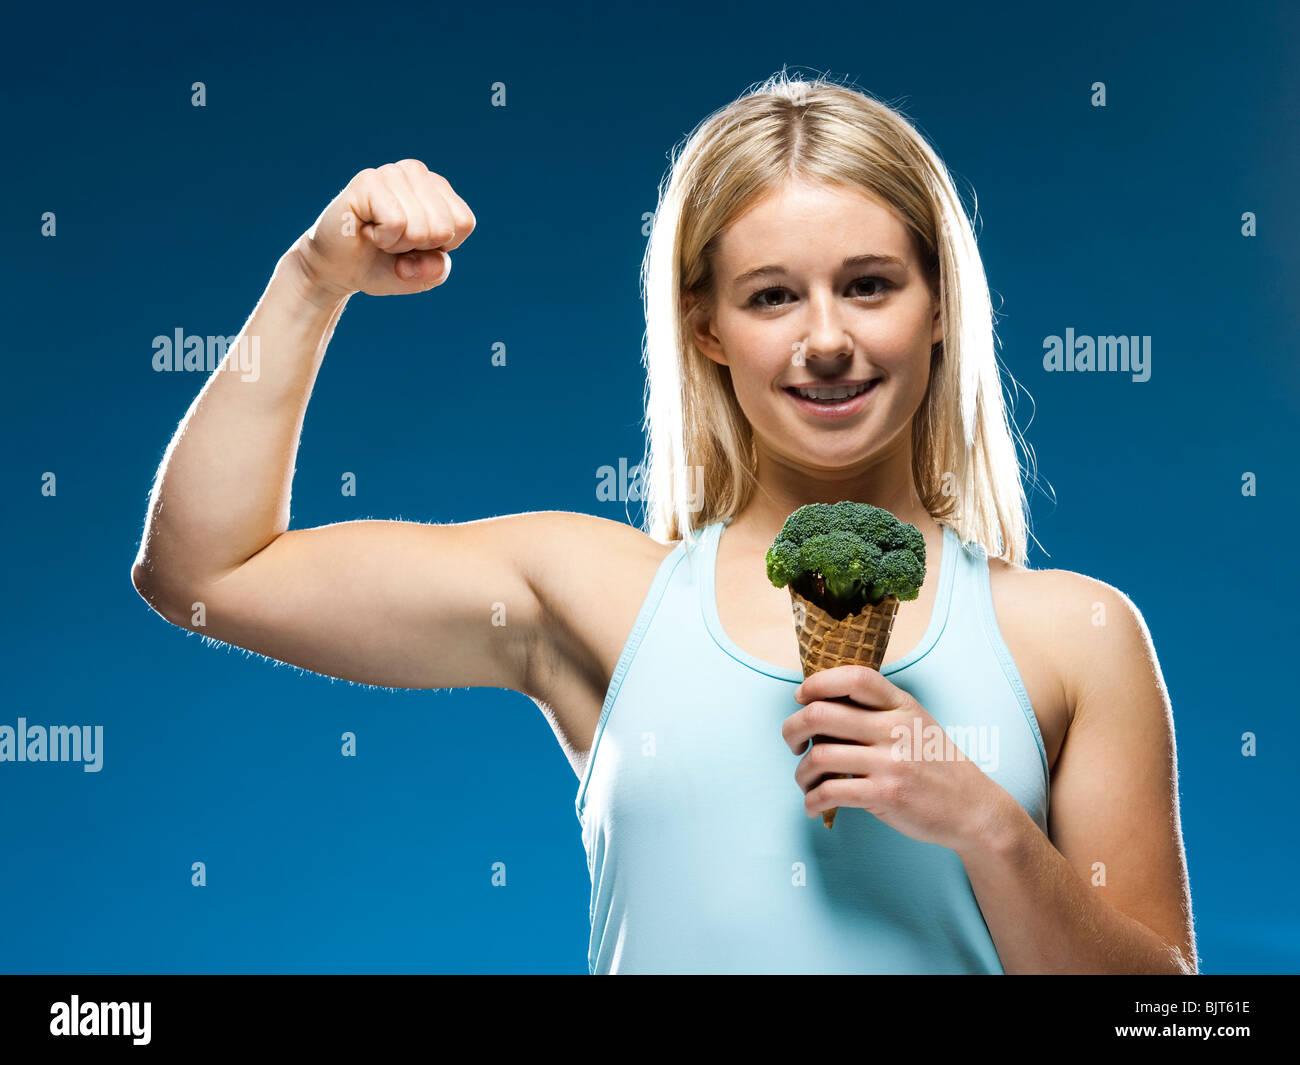 Retrato de estudio de joven mujer sosteniendo el brócoli helado Imagen De Stock